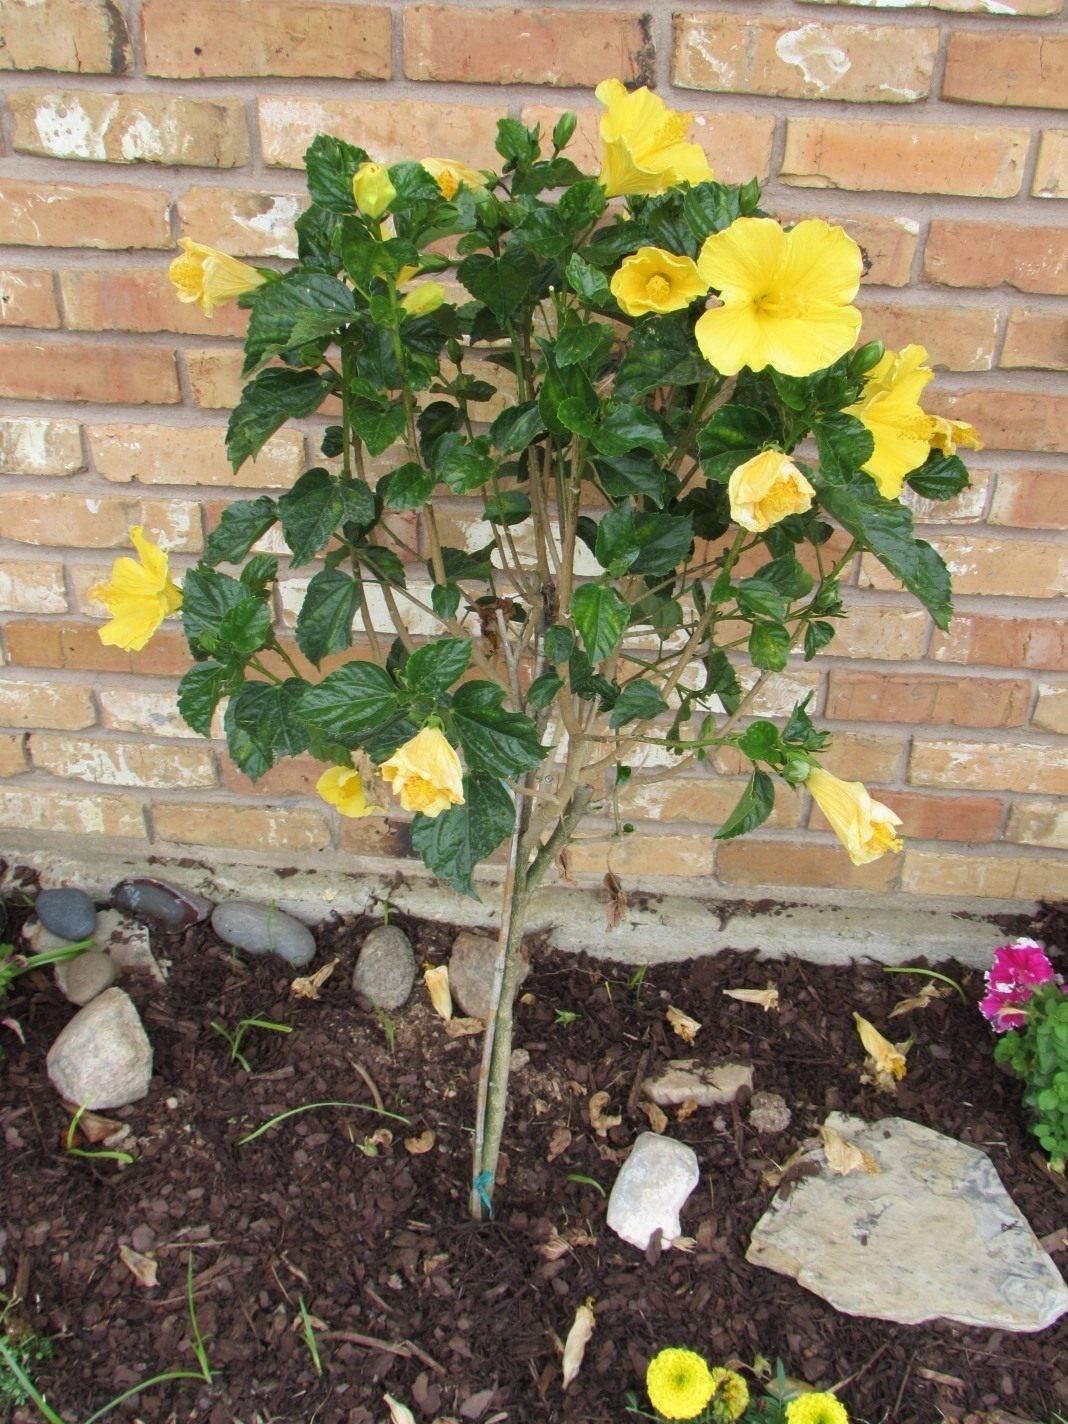 Гибискус древовидный выращивание и размножение в открытом грунте, как ухаживать за китайской розой в беларуси и подмосковье, цветок смерти: почему?